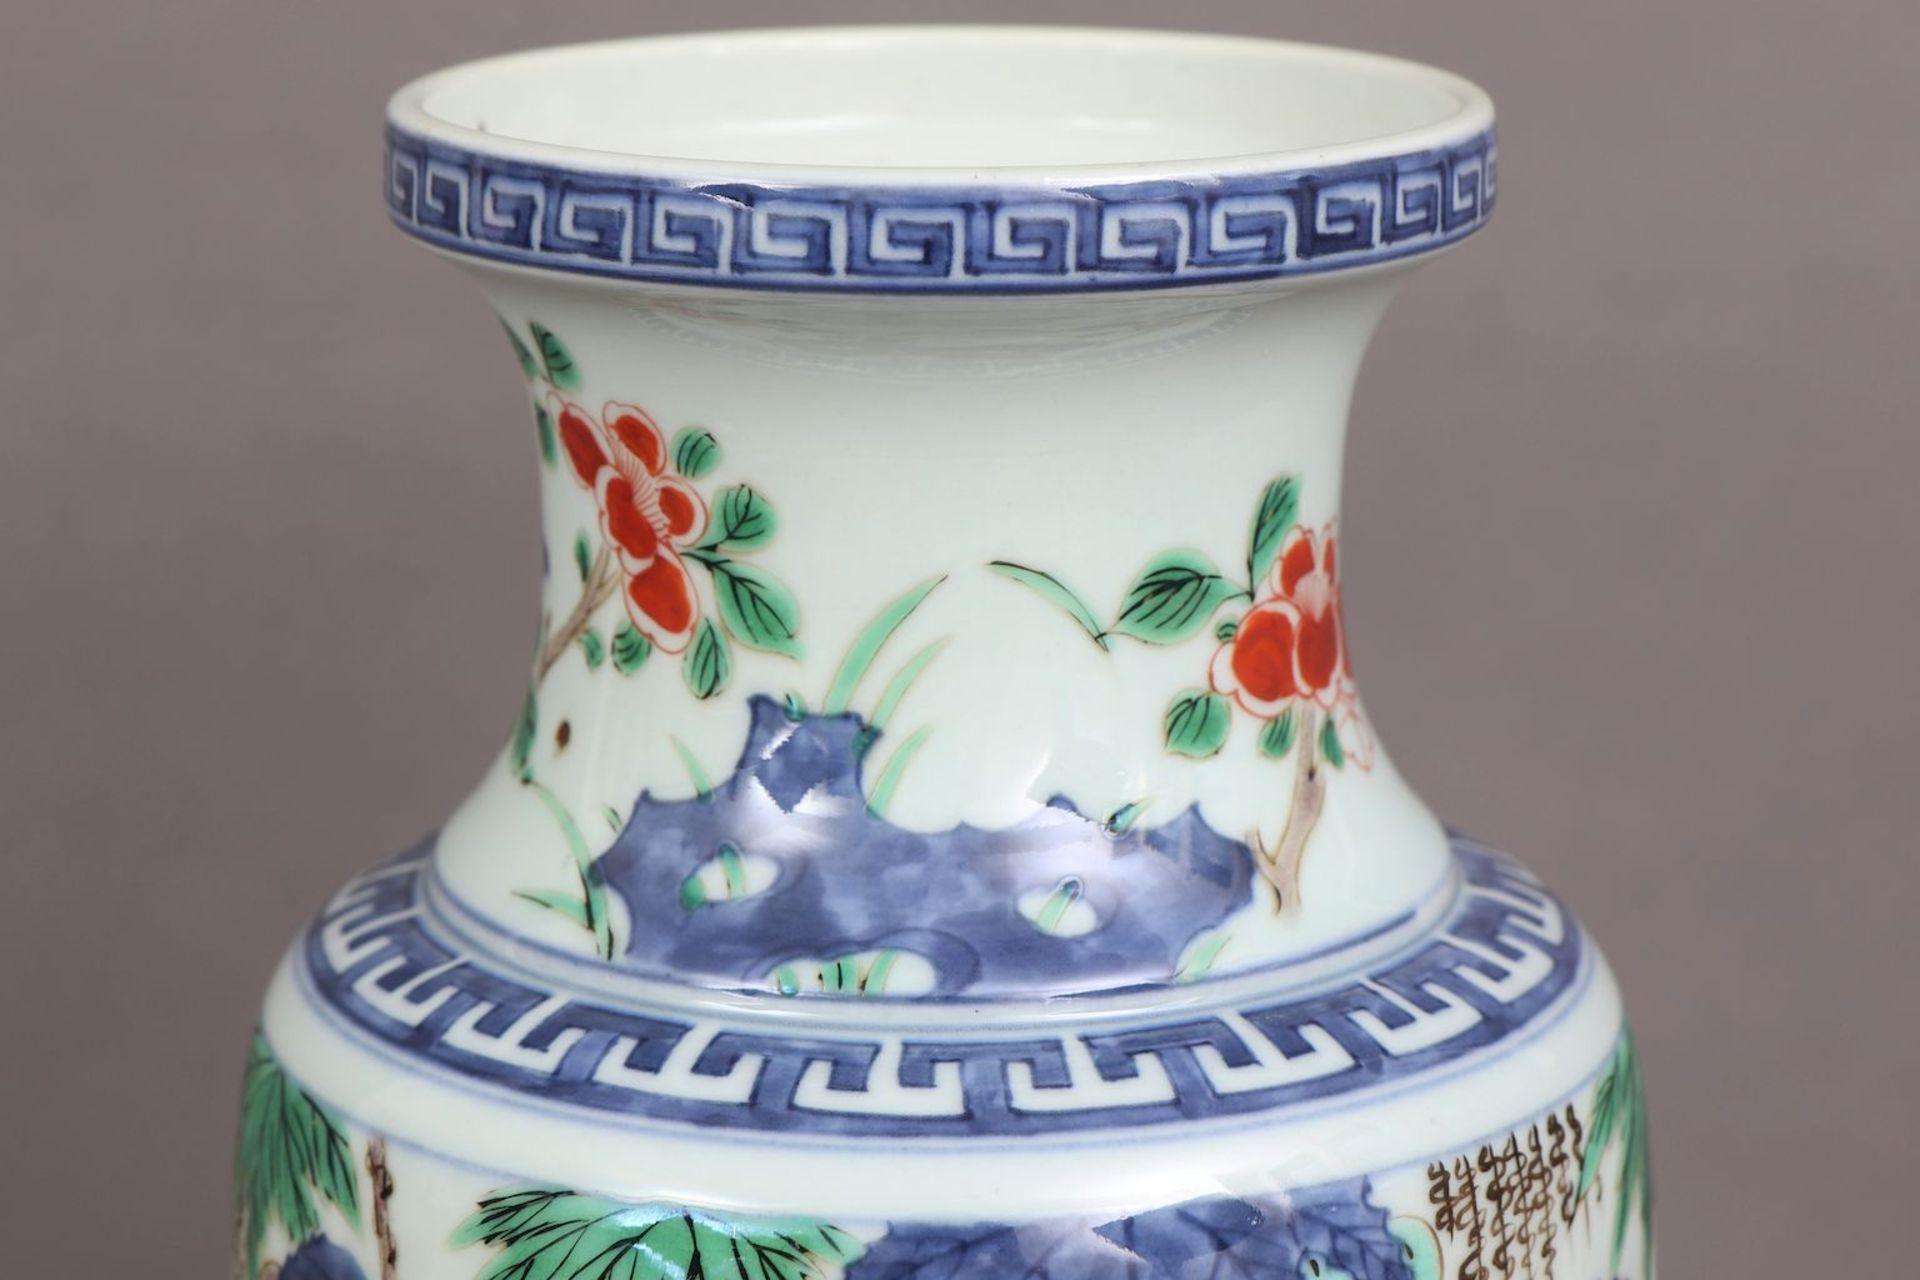 Chinesische Porzellanvase der Qing Dynastie (1644-1912) - Bild 4 aus 5